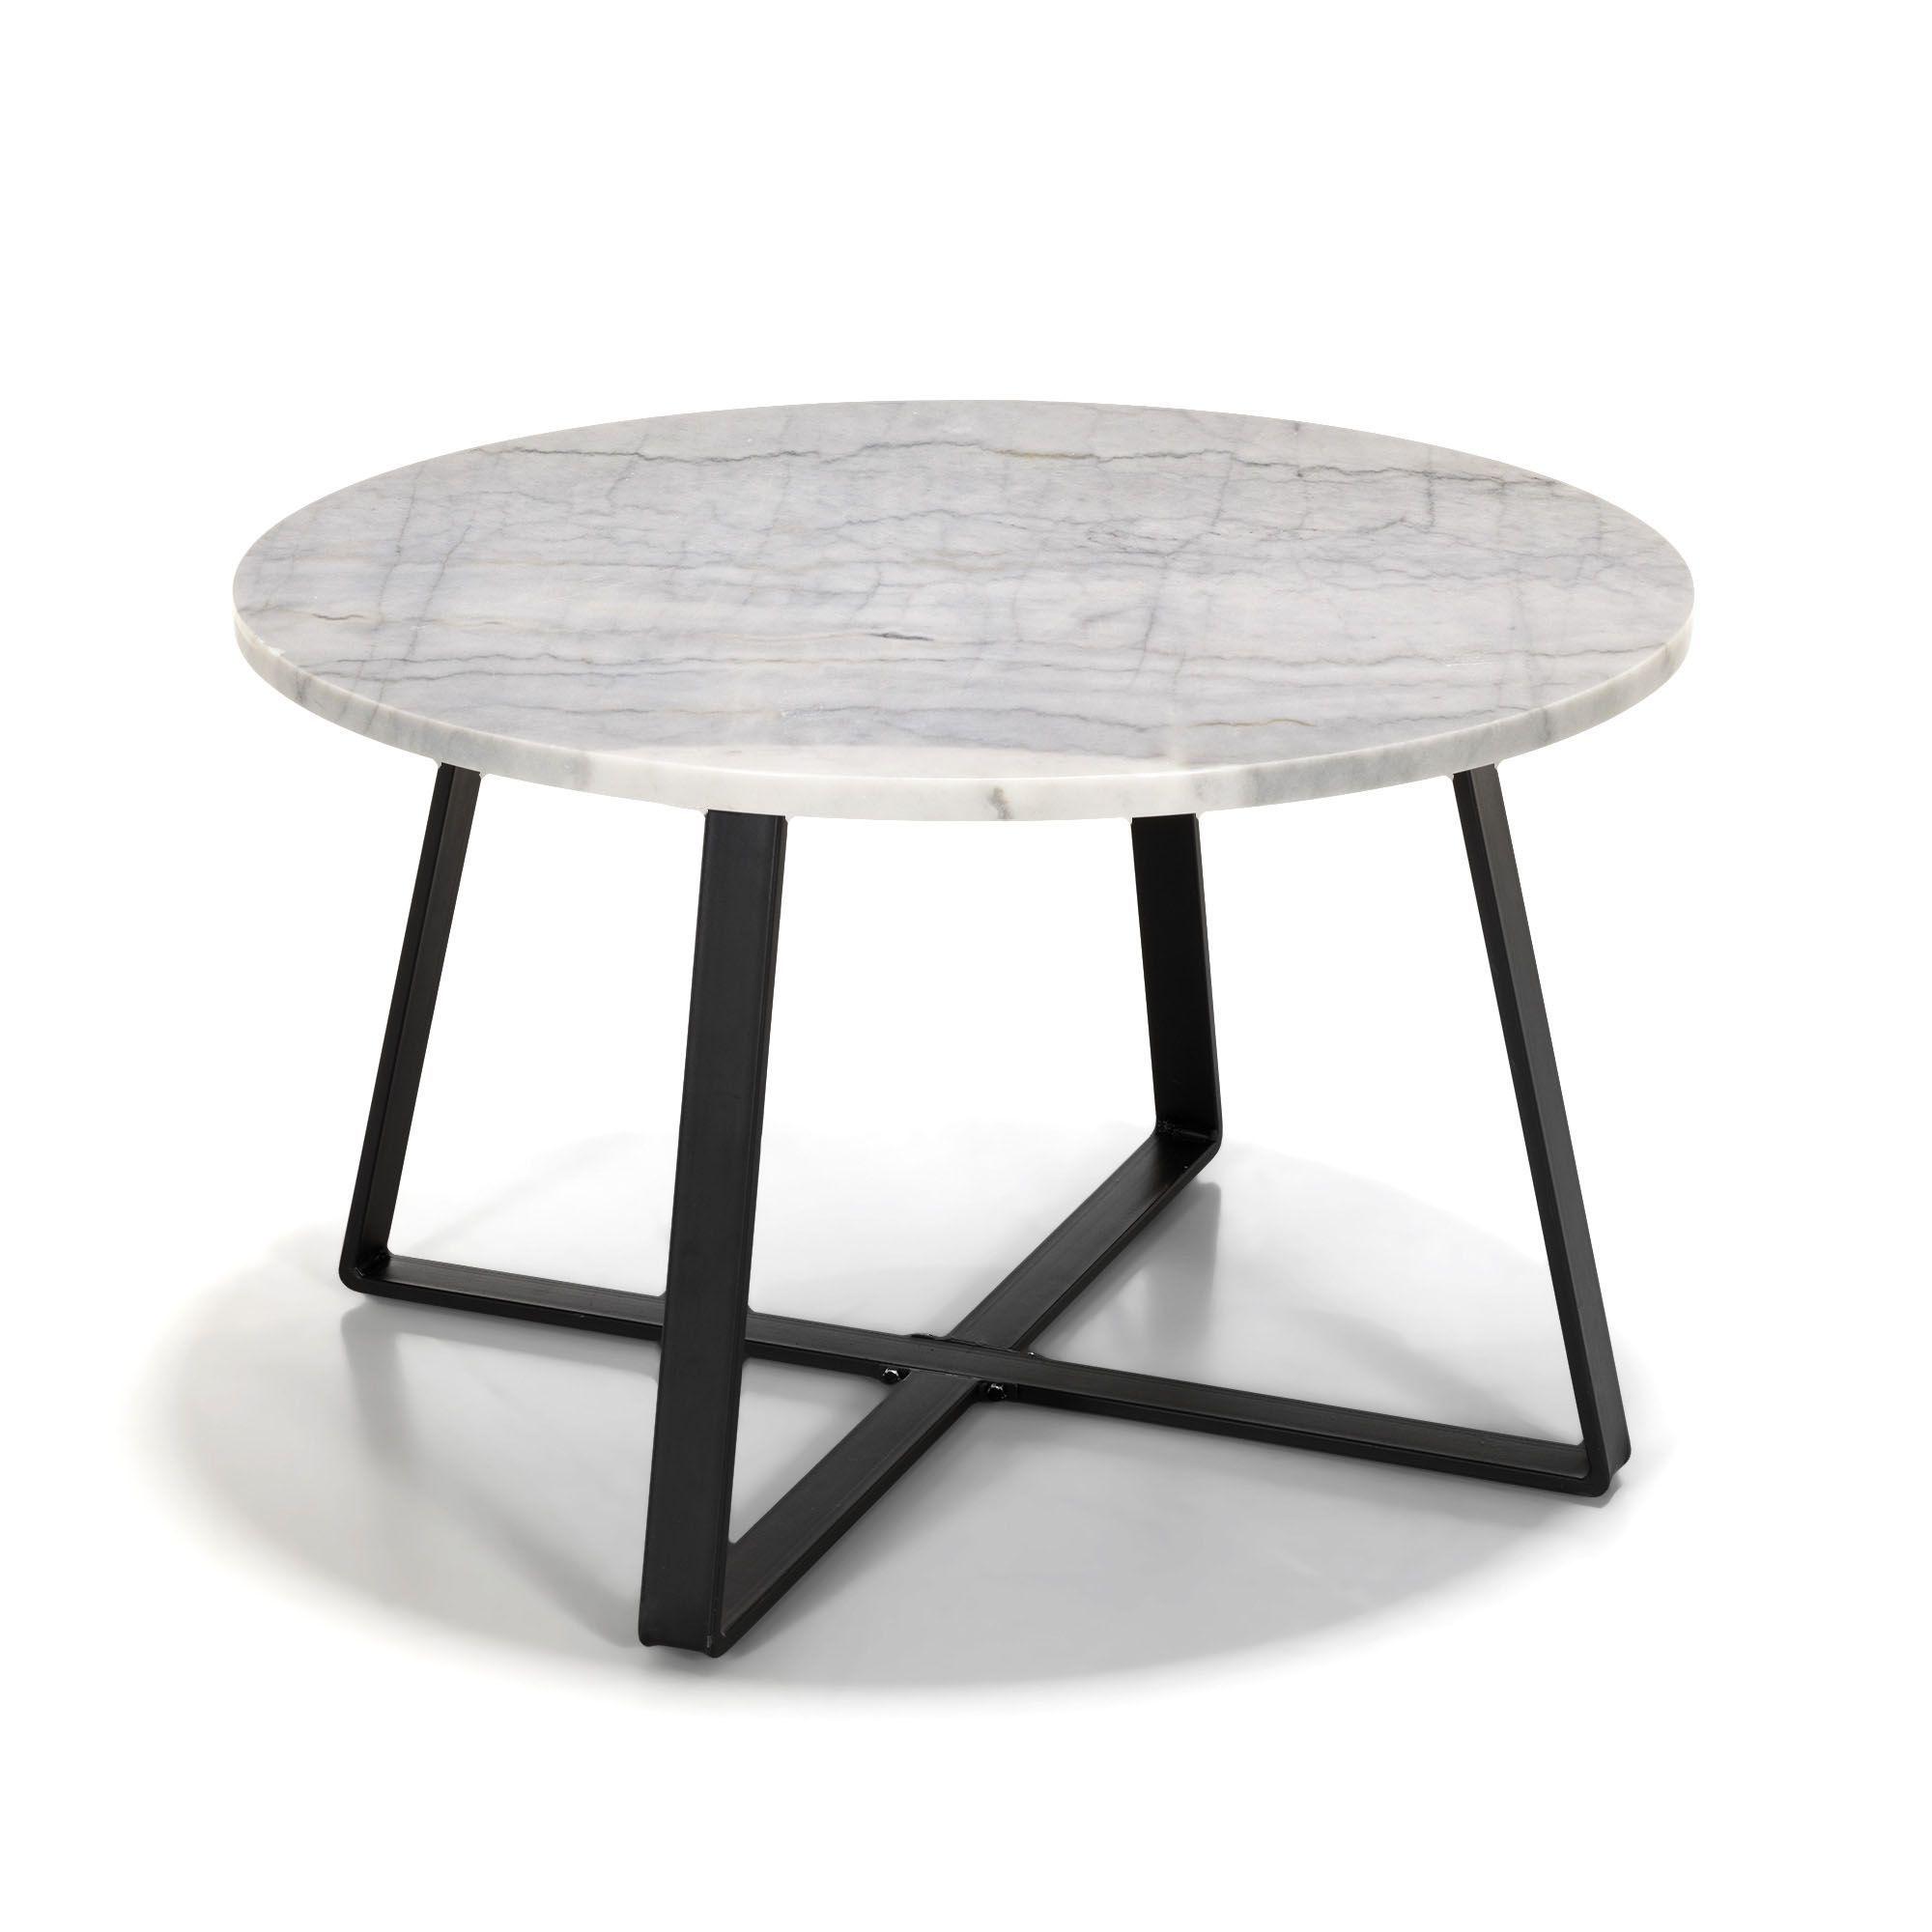 Table basse en mtal avec plateau en marbre Blanc et noir  Bely  Les tables basses  Tables